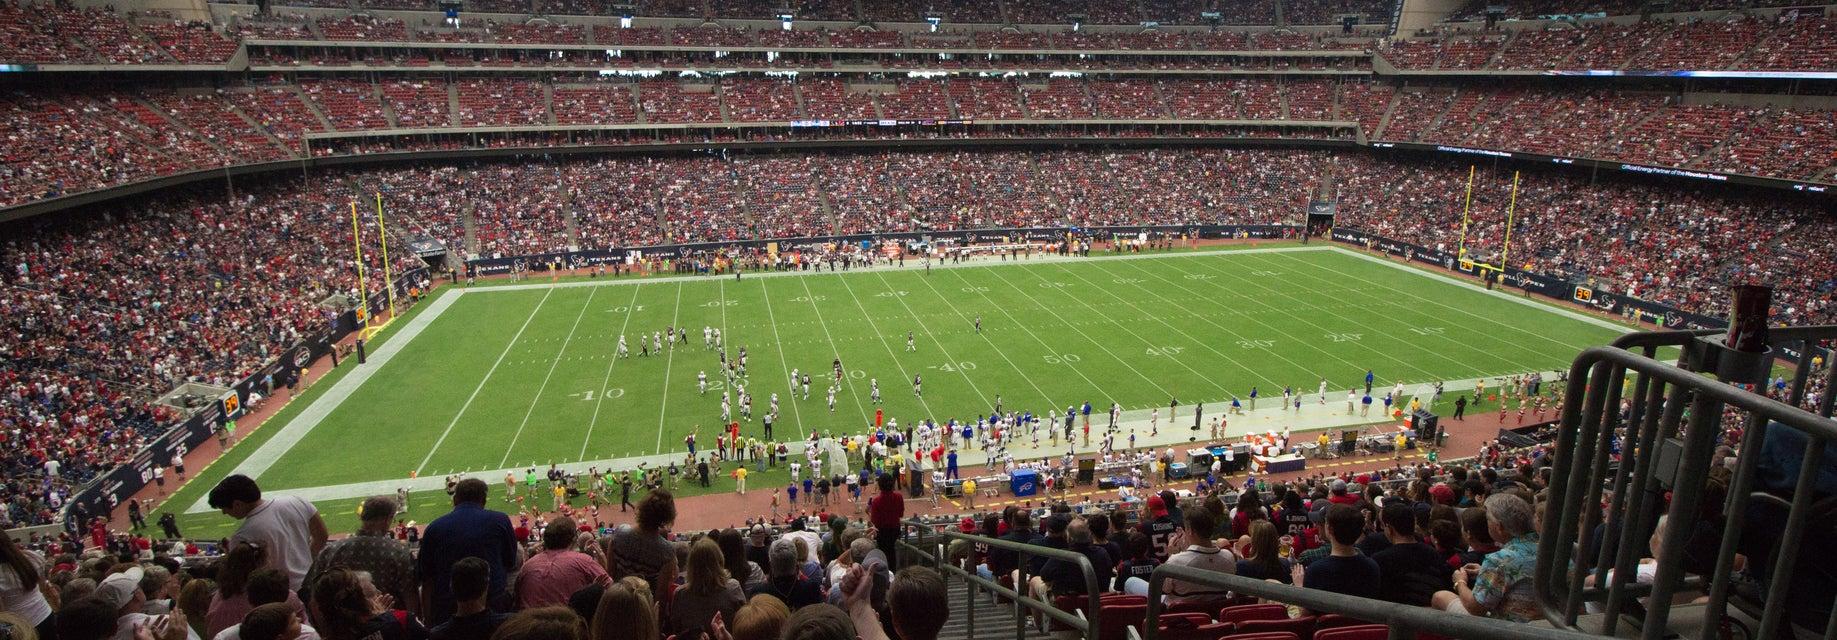 Seat view from Verizon Wireless Club I